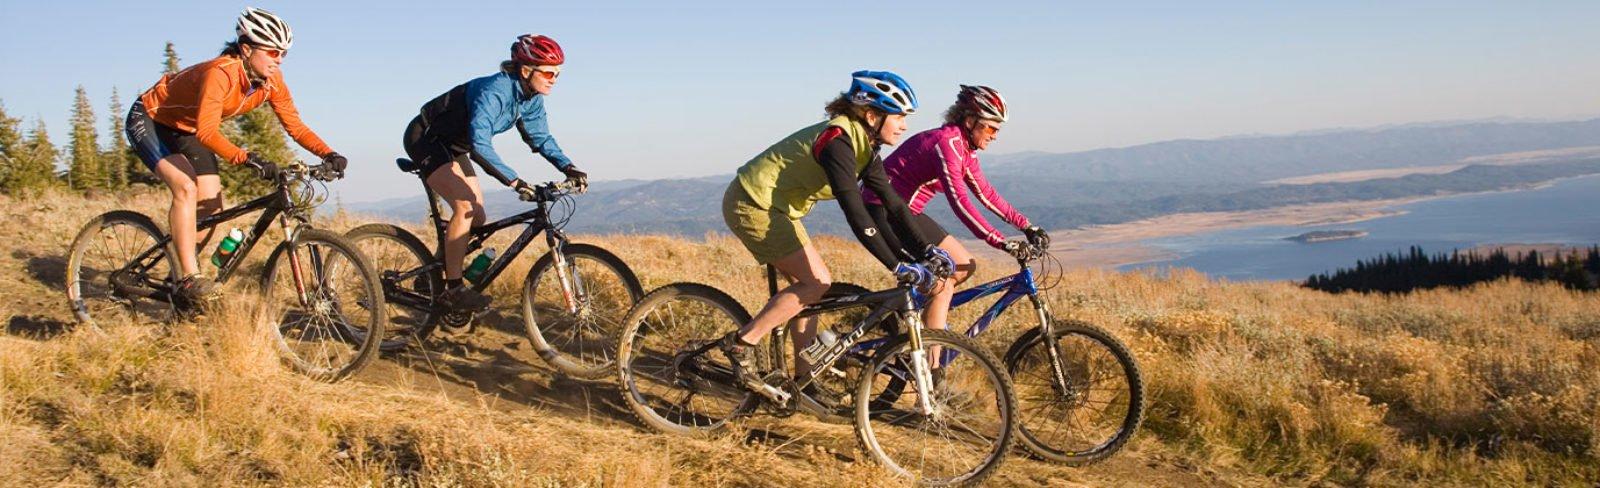 Mountain biking in Tamarack Idaho